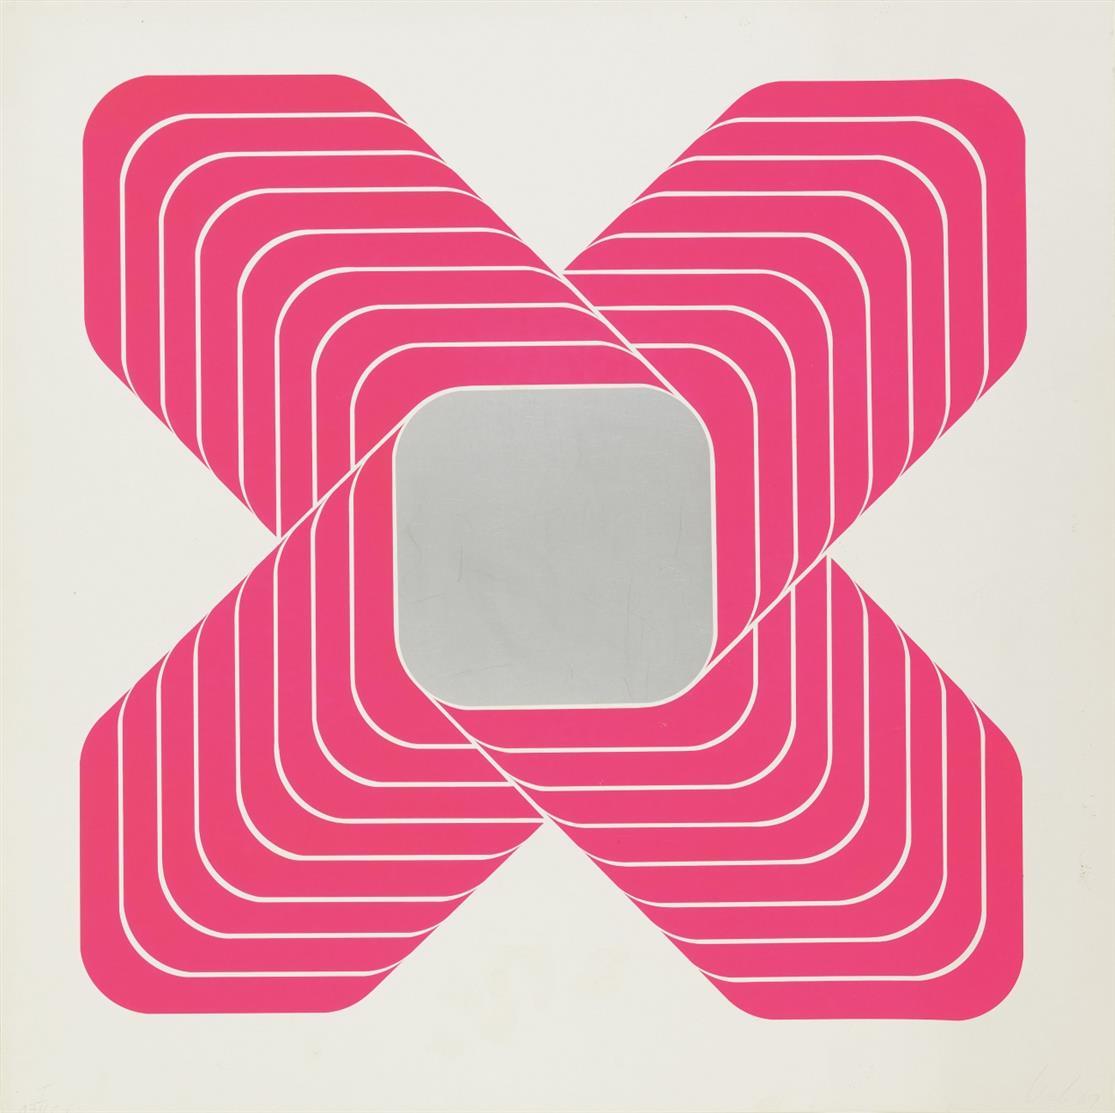 Thomas Lenk. Ohne Titel. 1969. 6 Blatt Farbserigraphien. Signiert. Edition Griffelkunst.